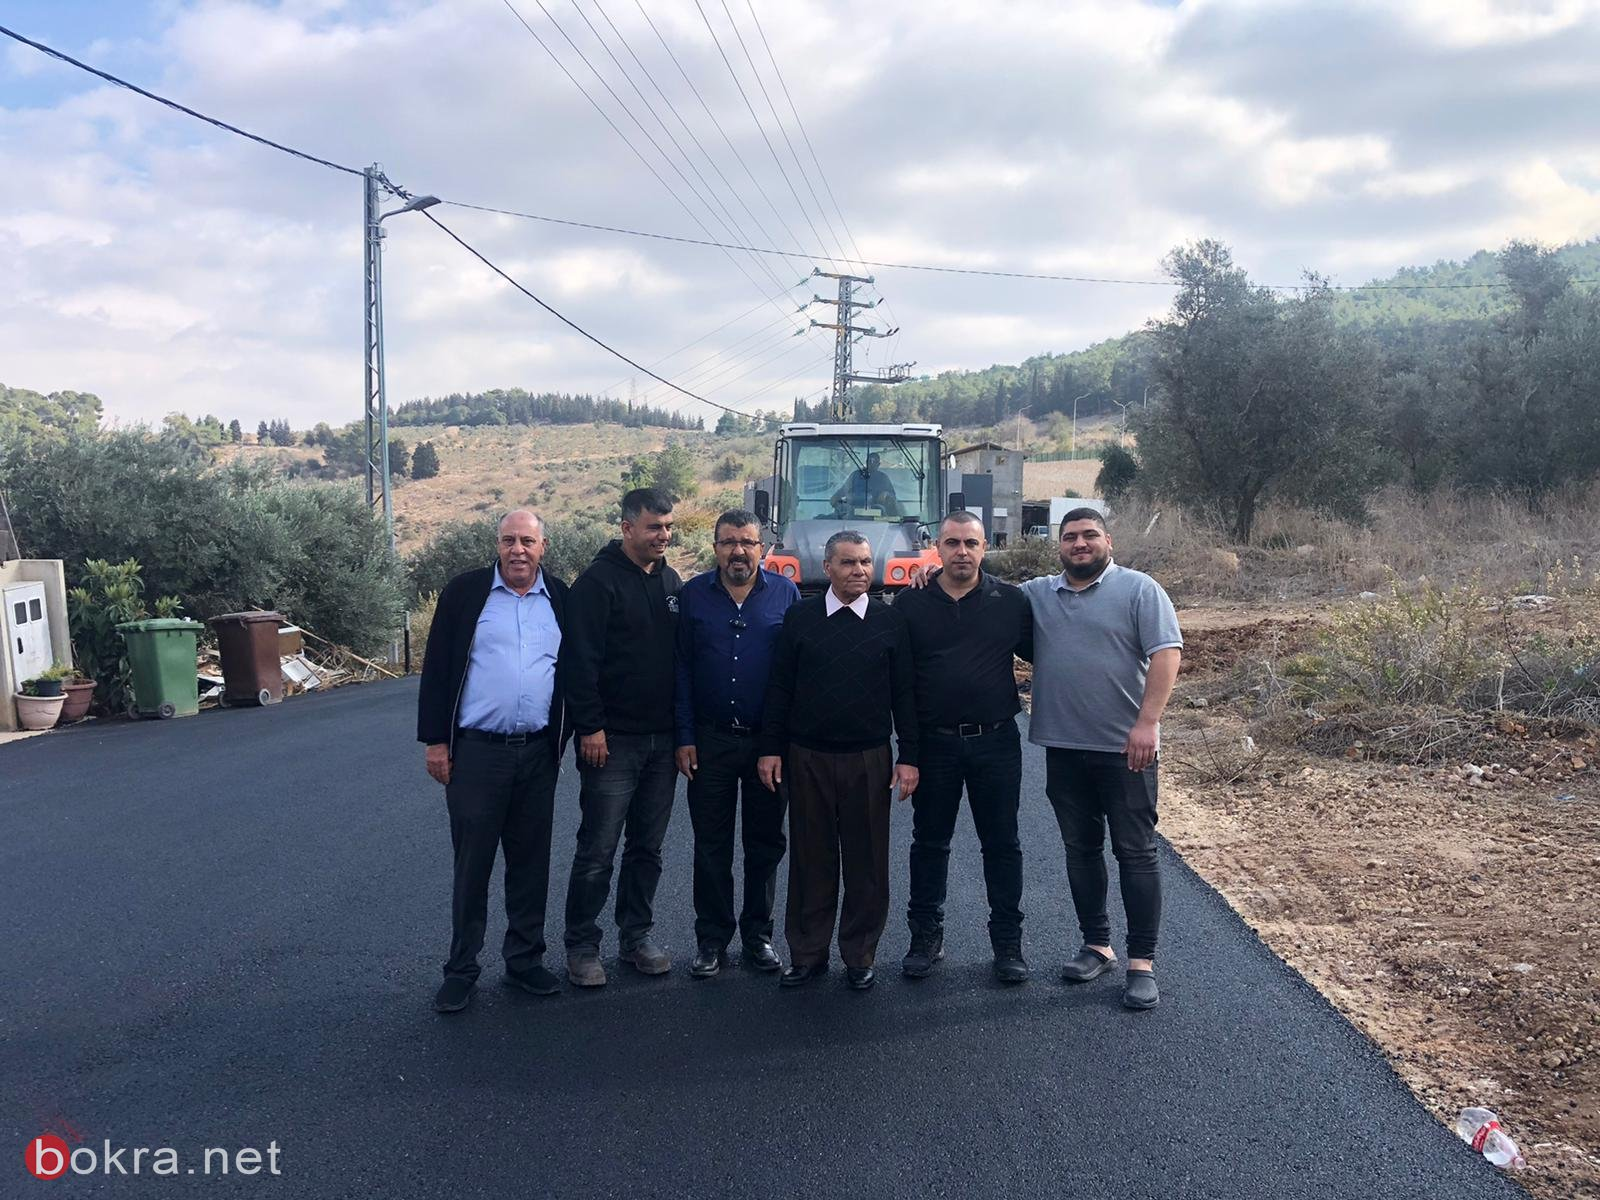 المجلس الأقليمي بستان المرج يقوم بأعمال ترميم وتطوير في قرية الدحي -1